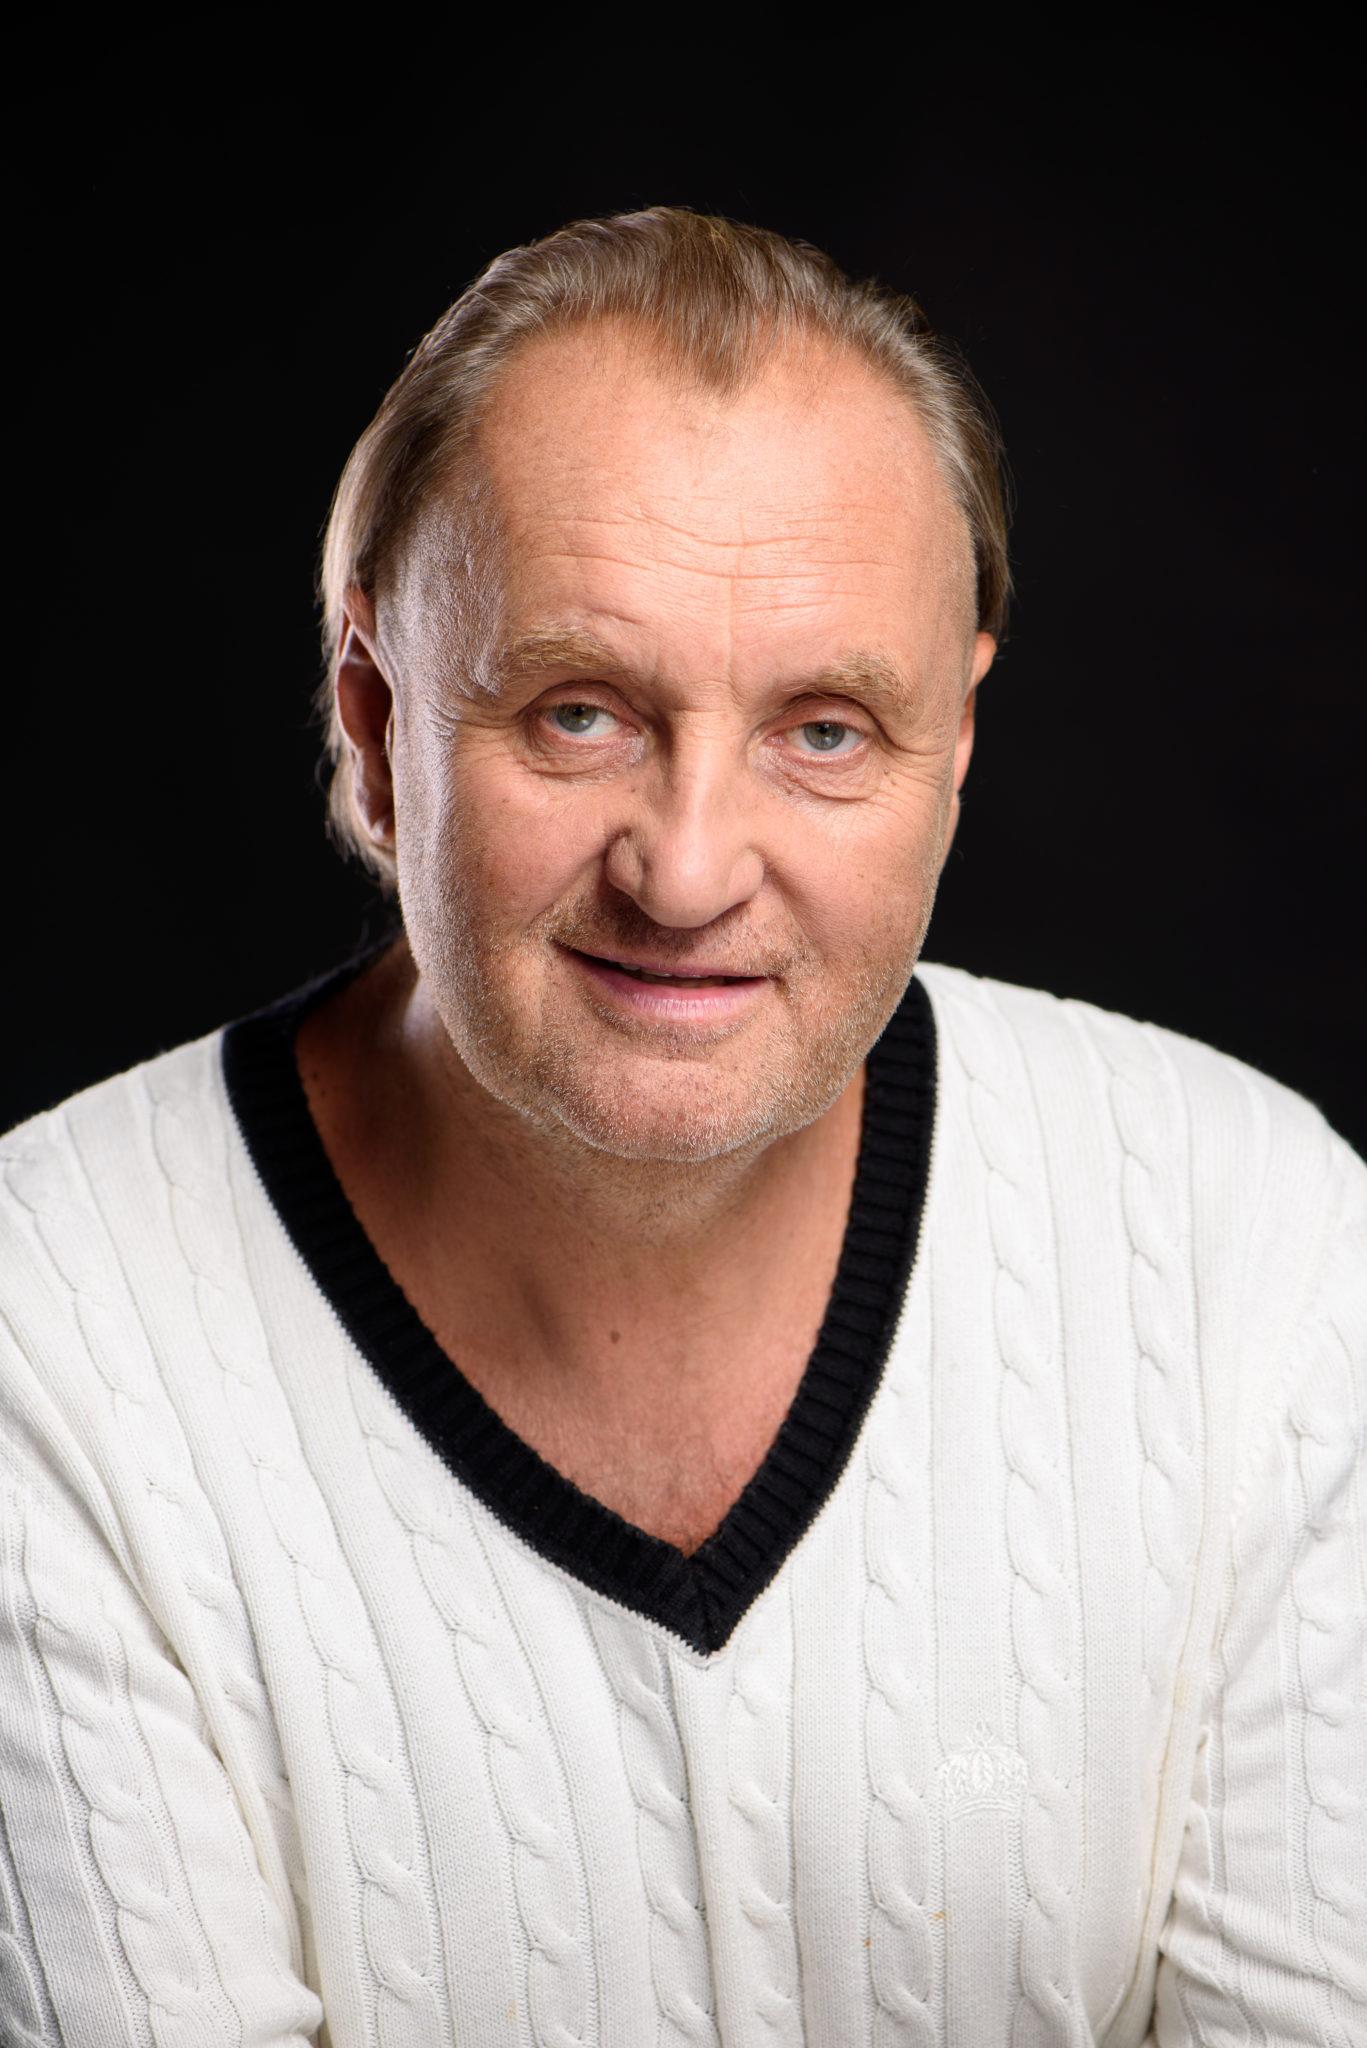 Владимир Бебешко, фотограф Алиса Постникова, студия Frontpage